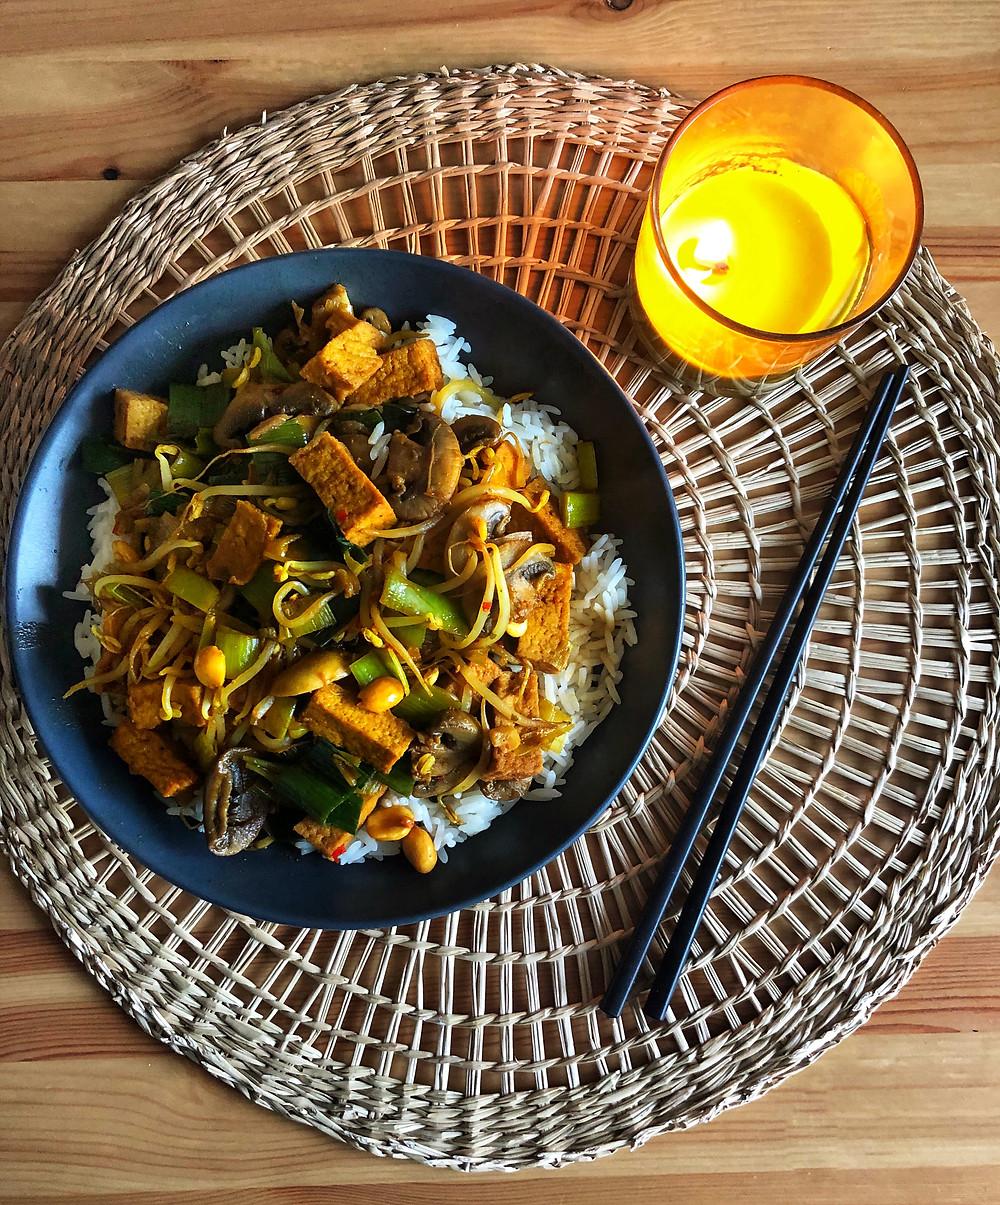 Blondieskeuken, Blondies Keuken, Sam de Roos, toegankelijke recepten, makkelijke recepten, recepten, lekkere recepten, recept met rijst, recept met taugé, recept met prei, tofu marineren, recept voor tofu, rijst met tofu, gerecht met rijst